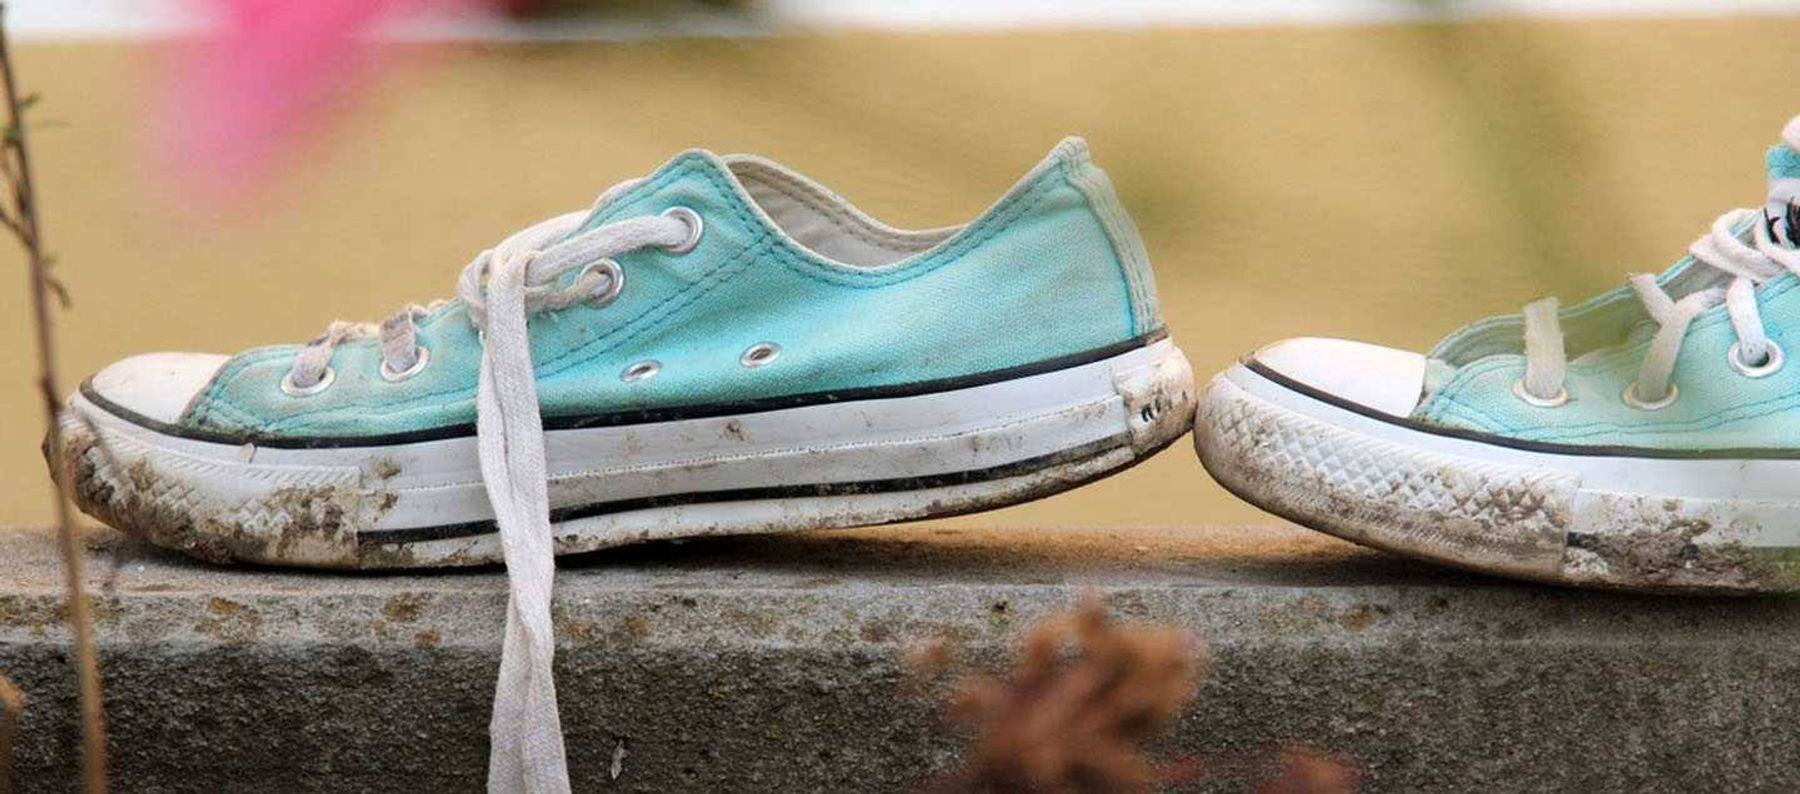 Cách giặt giày thể thao trắng